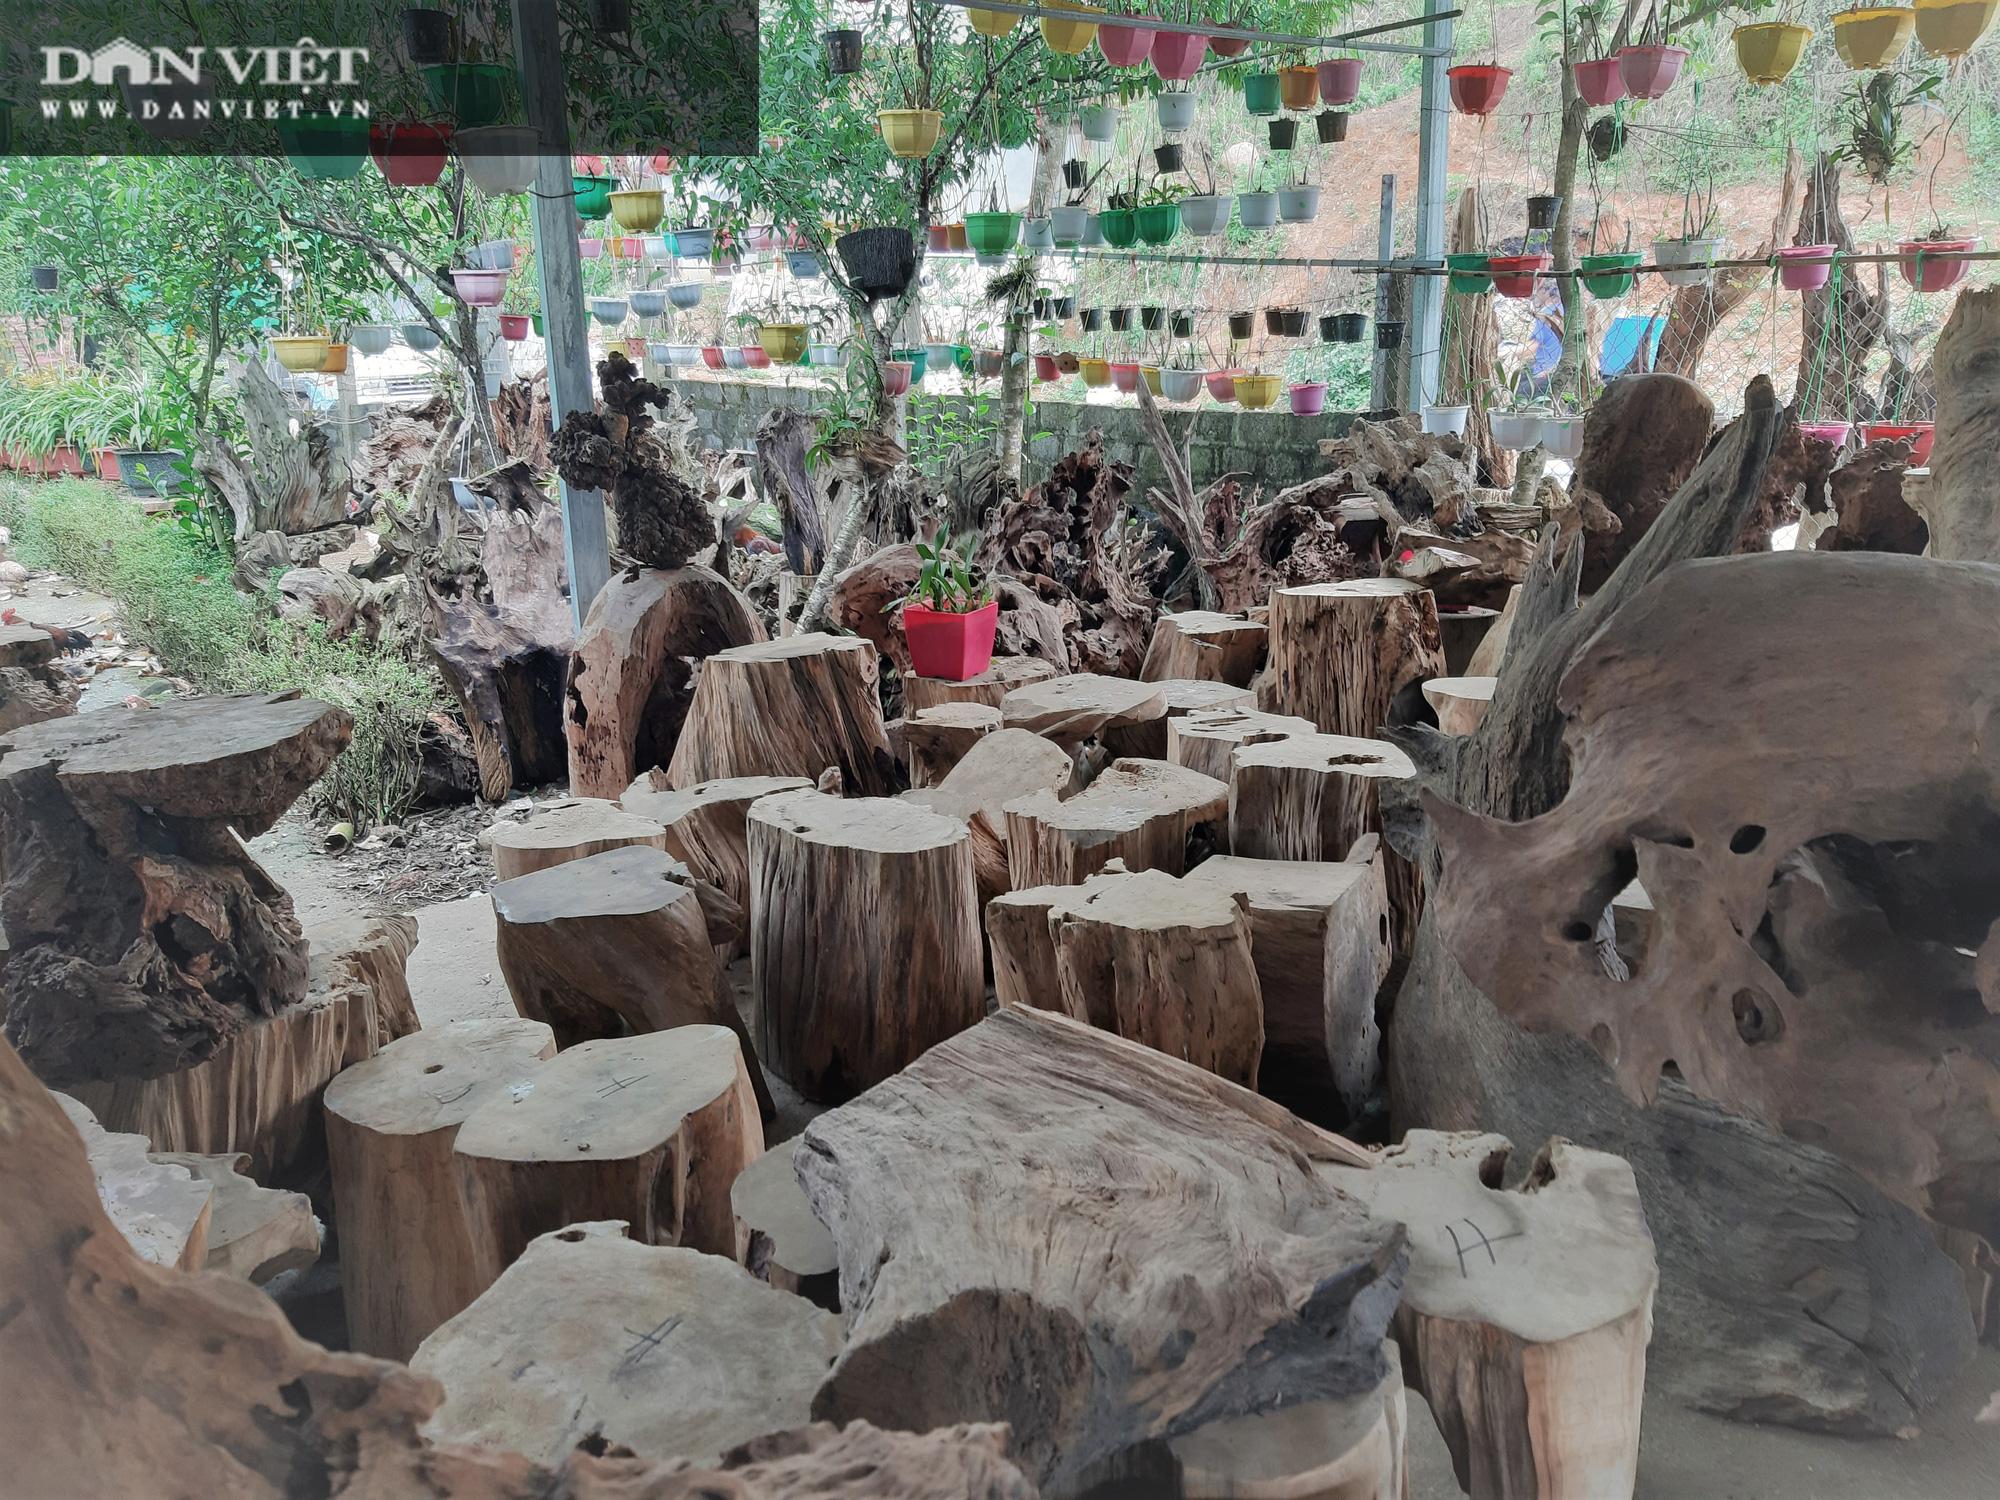 """Phá rừng pơ mu VQG Hoàng Liên (Bài 4): Phá rừng cho """"trùm buôn gỗ"""", chứ không phải để đóng quan tài! - Ảnh 3."""